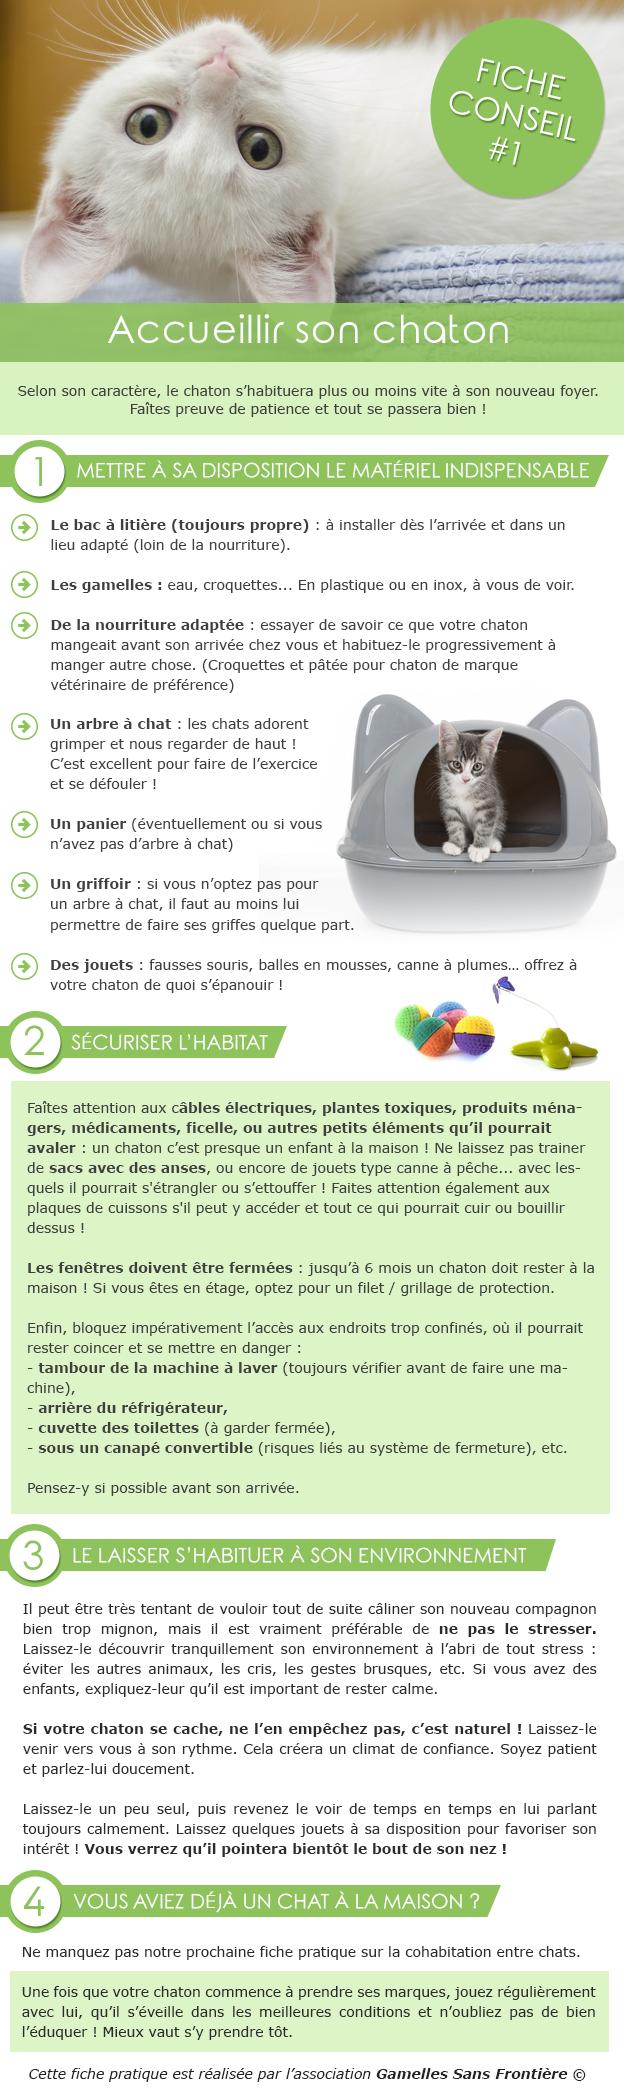 Adoption chaton conseils